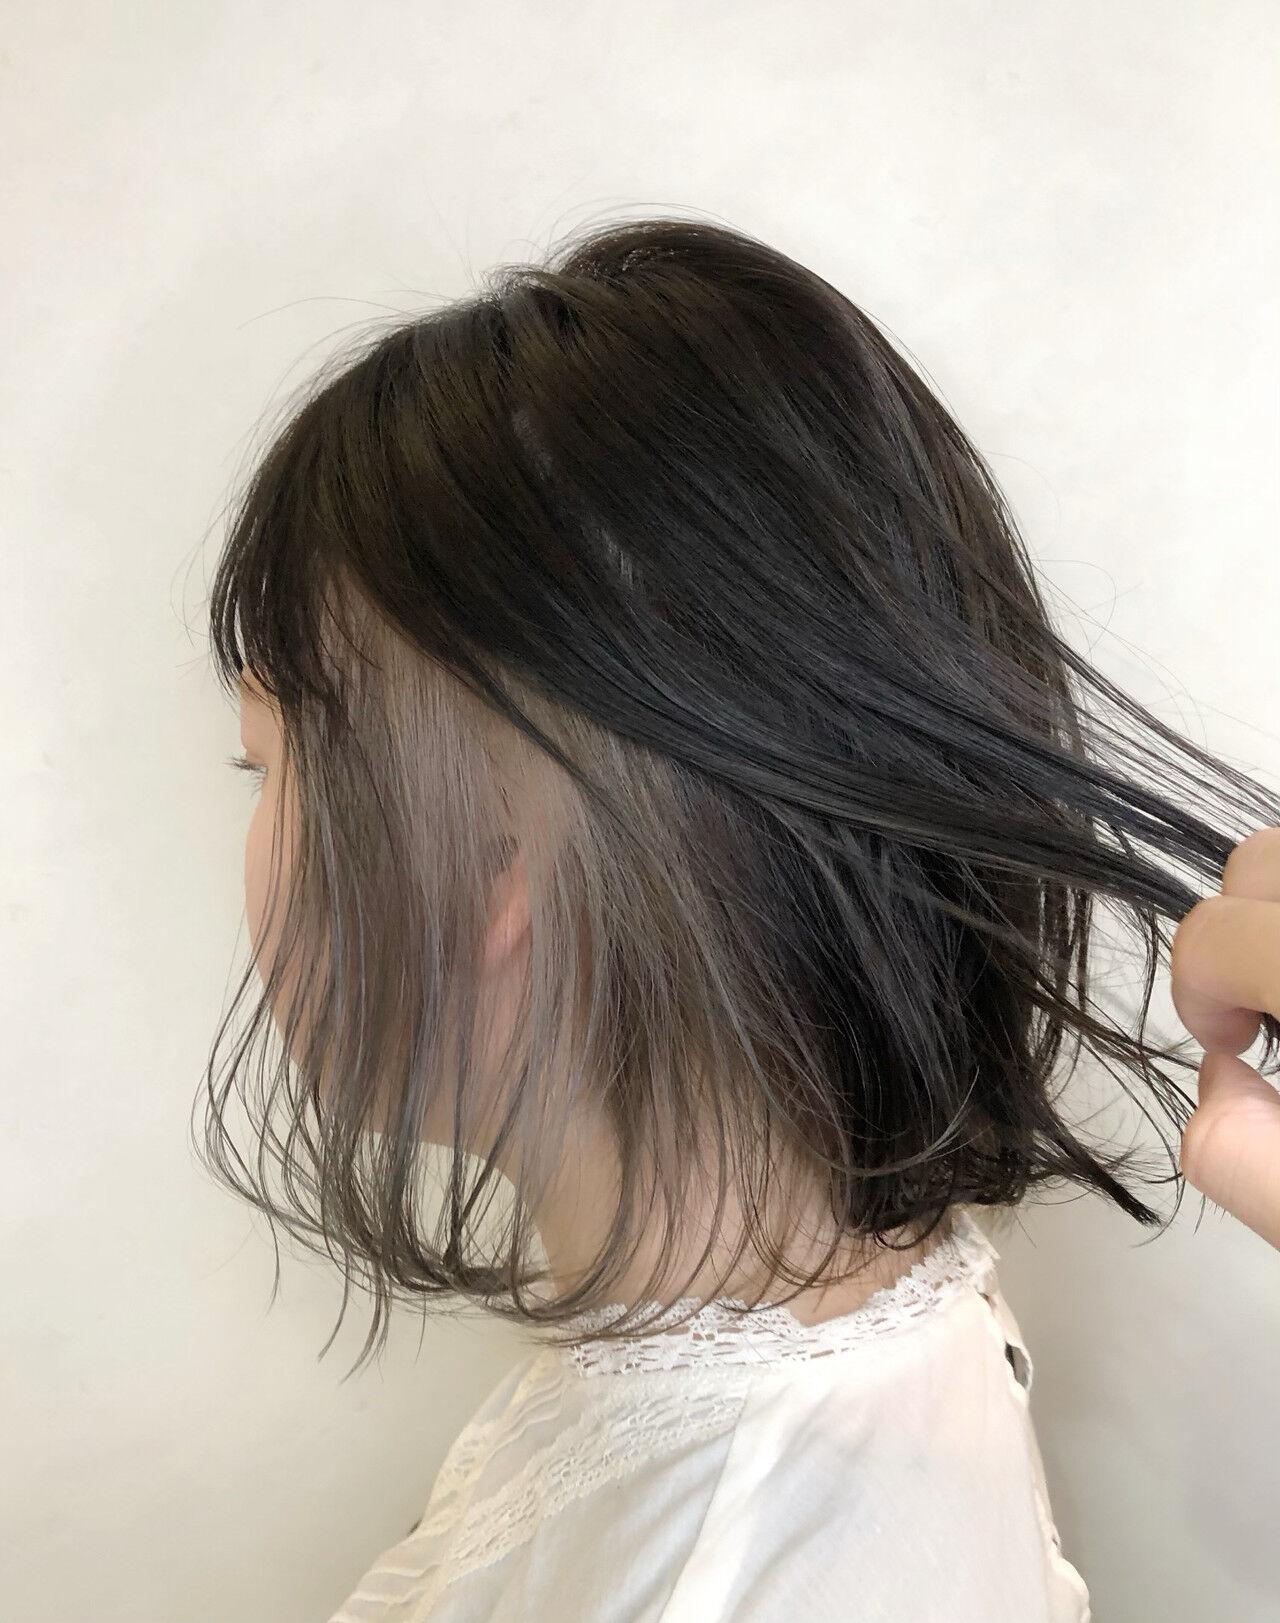 インナーカラー ボブ インナーカラーホワイト インナーカラーシルバーヘアスタイルや髪型の写真・画像